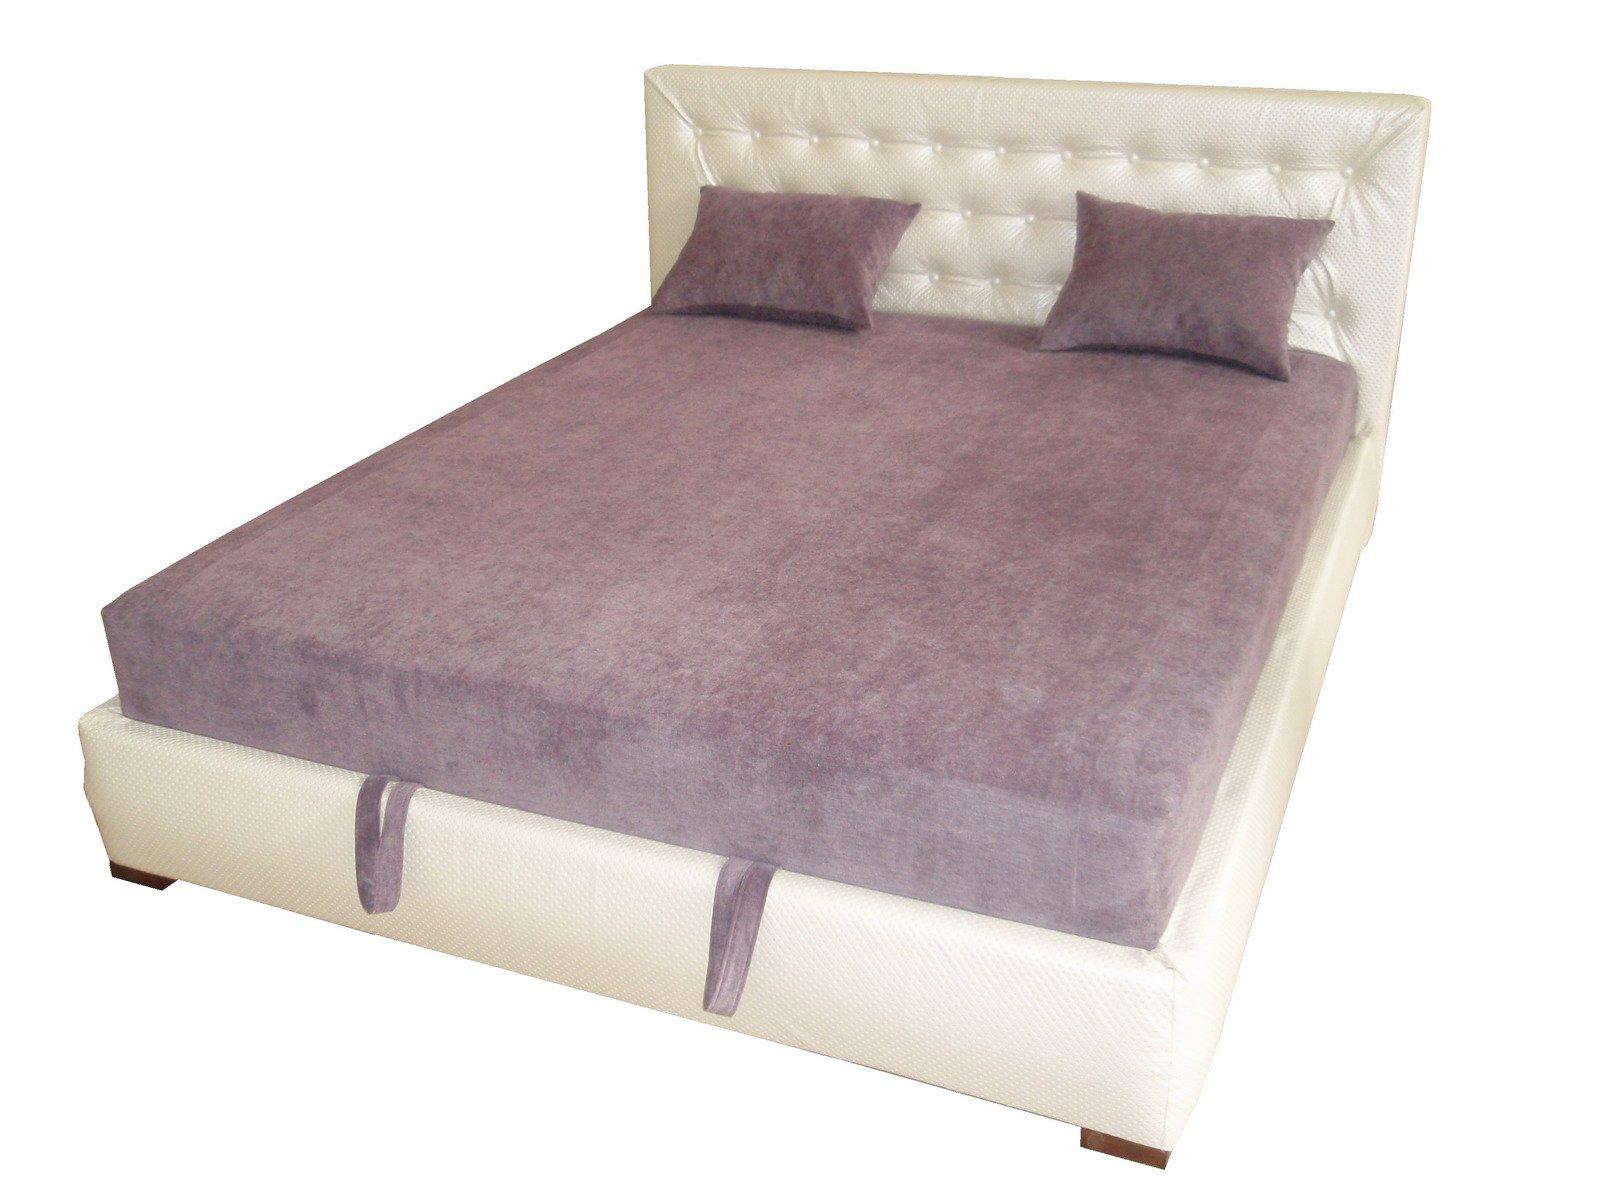 Купить кровать с подъемным механизмом без матраса надувной матрас купить волгоград